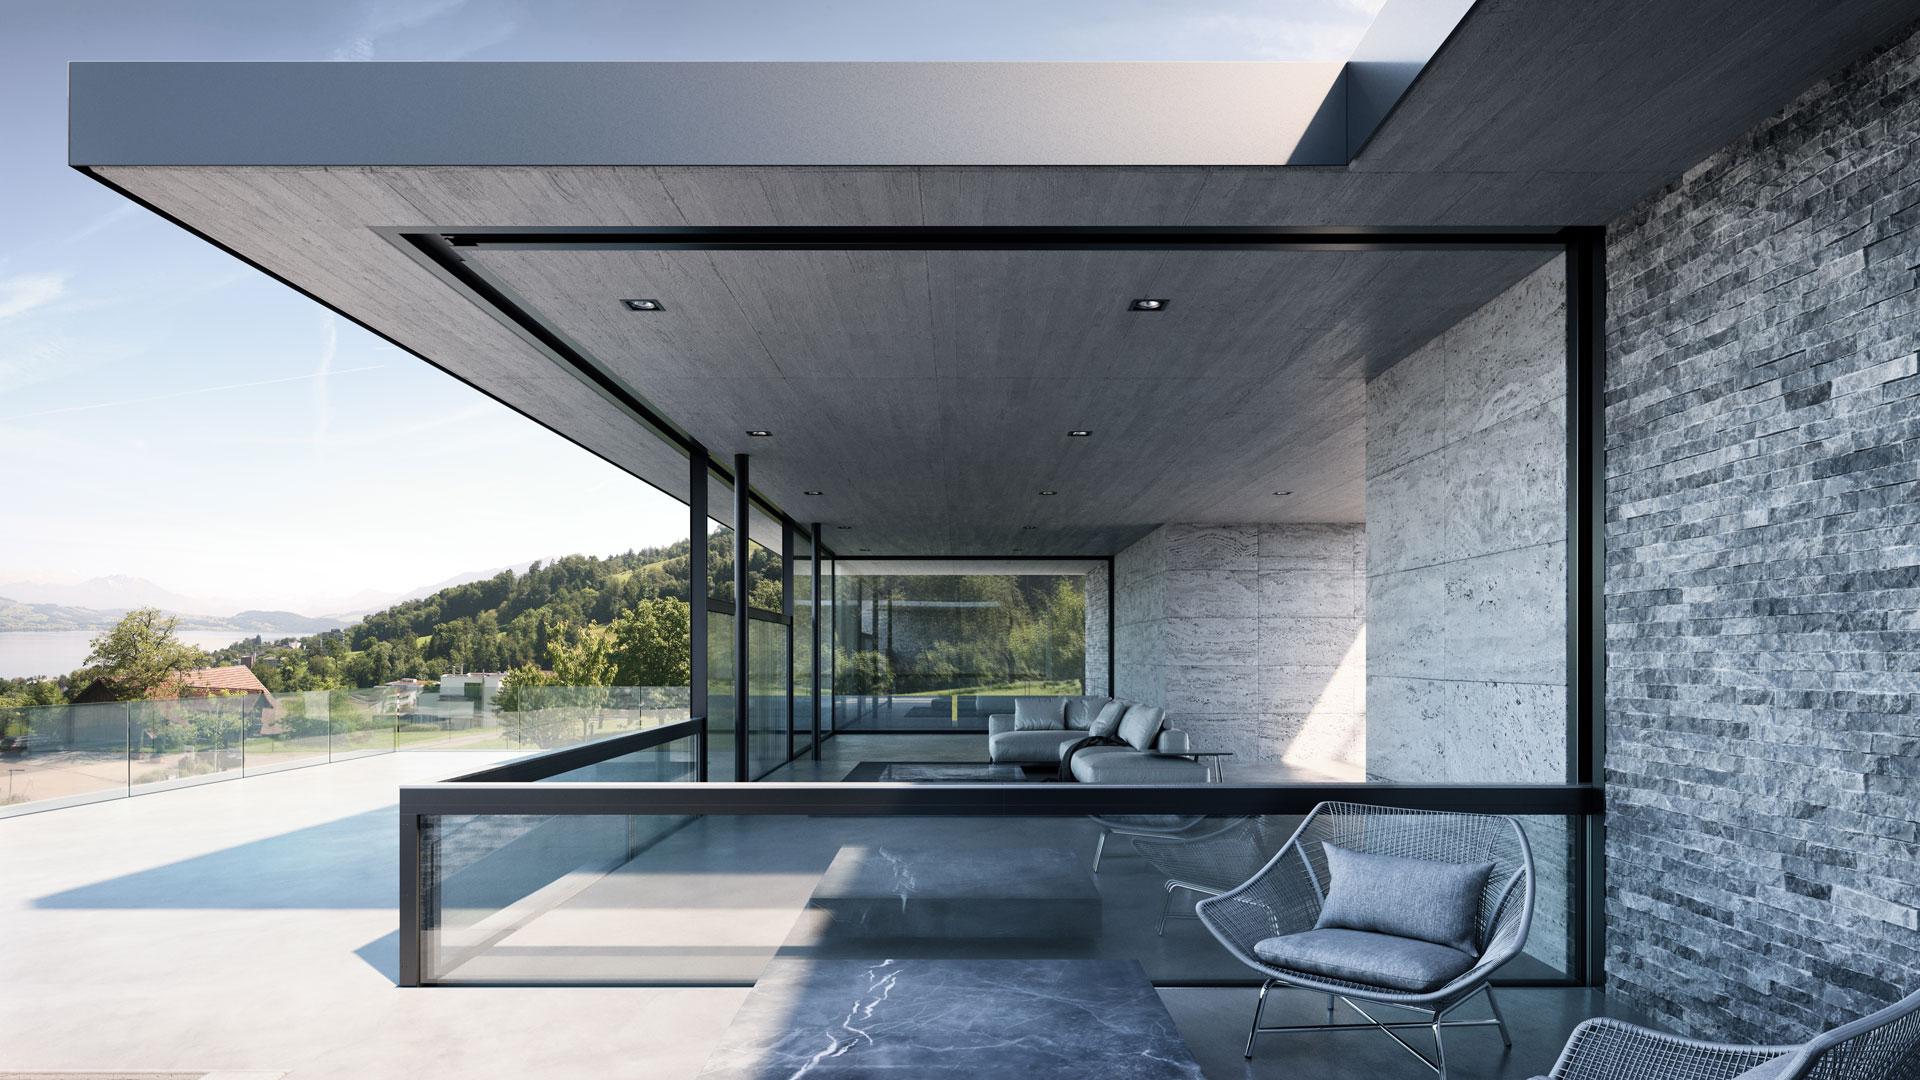 Terrasse mit Senkfenstern der Marke air-lux, hier teilweise geschlossen.